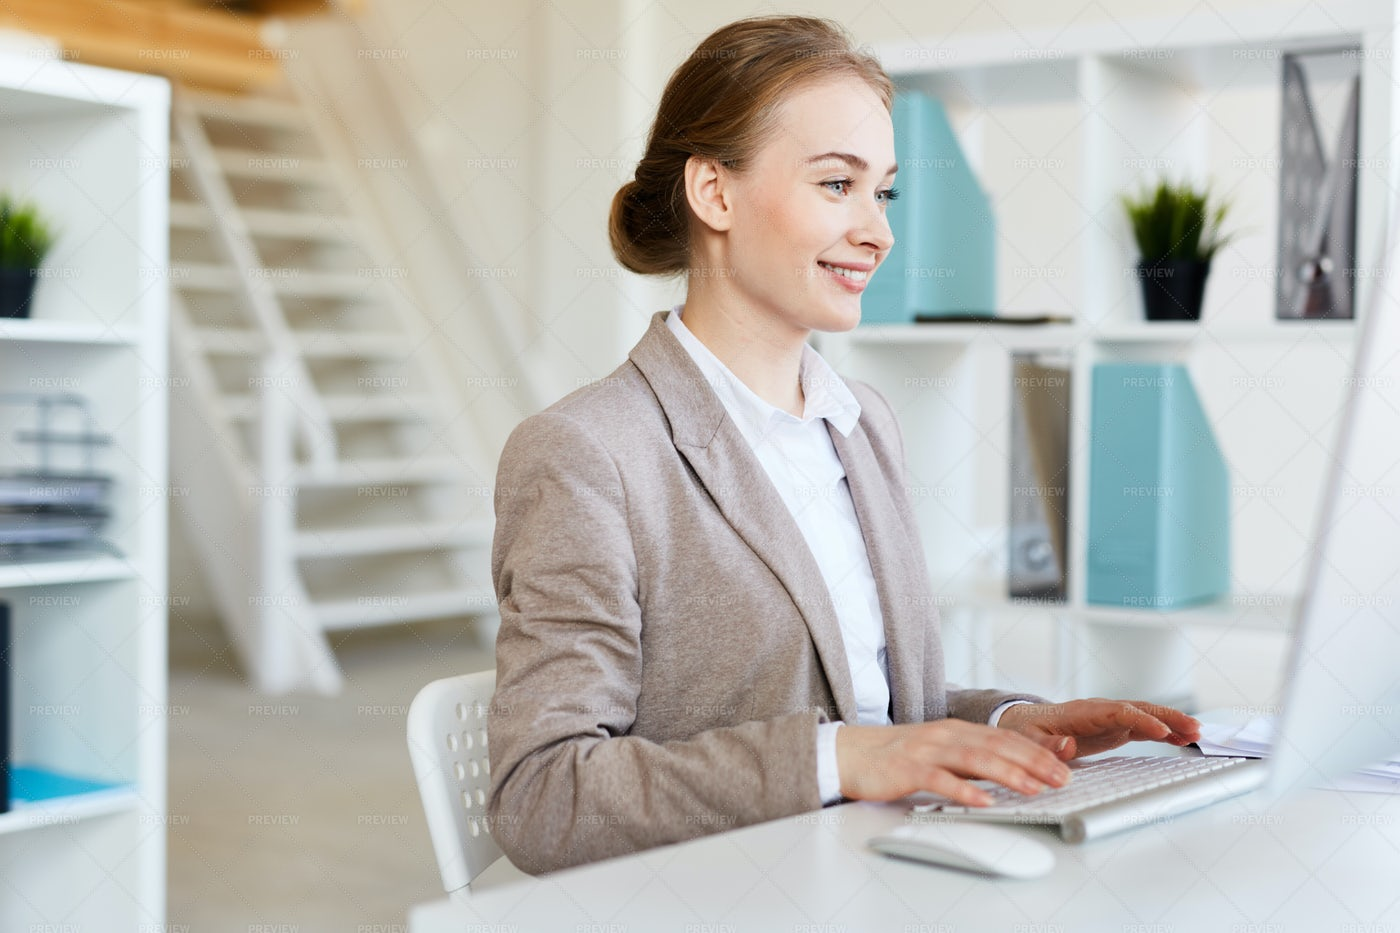 Smiling Pretty Entrepreneur At Work: Stock Photos